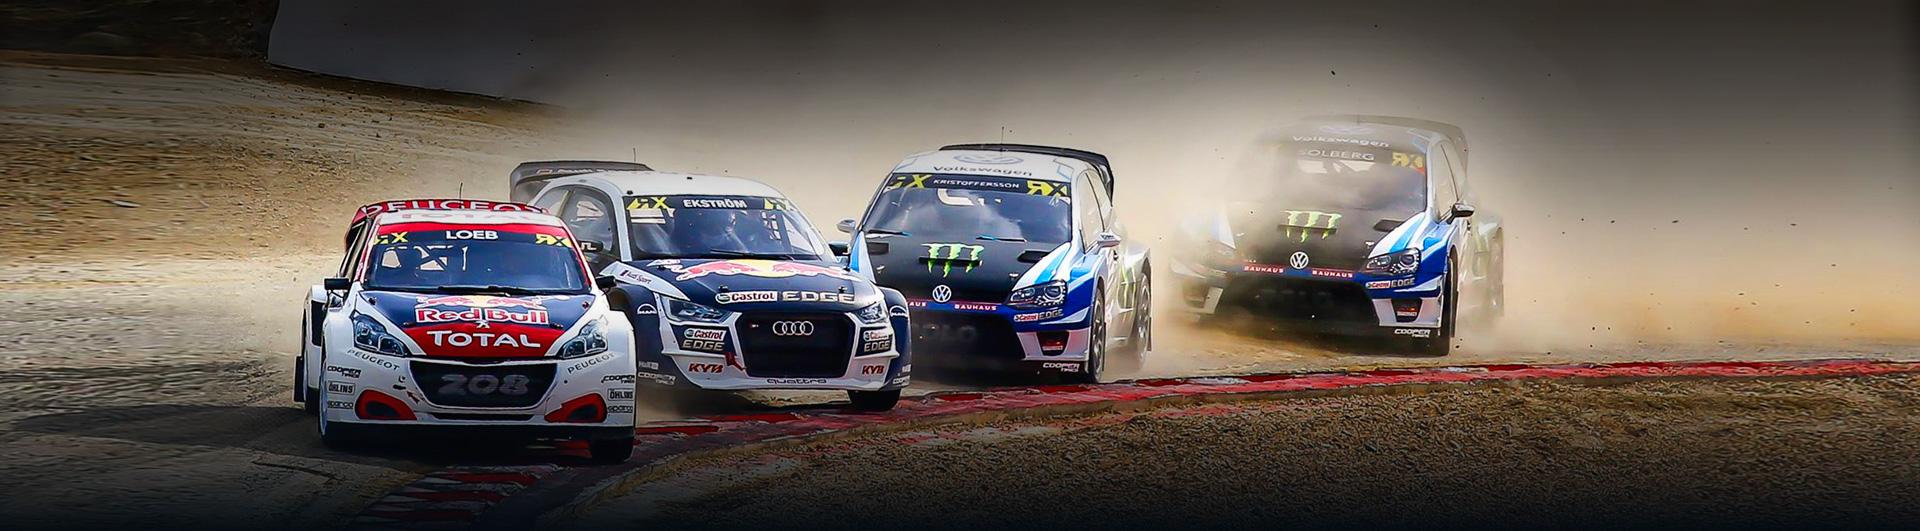 rx rallycross fia Lohéac 2